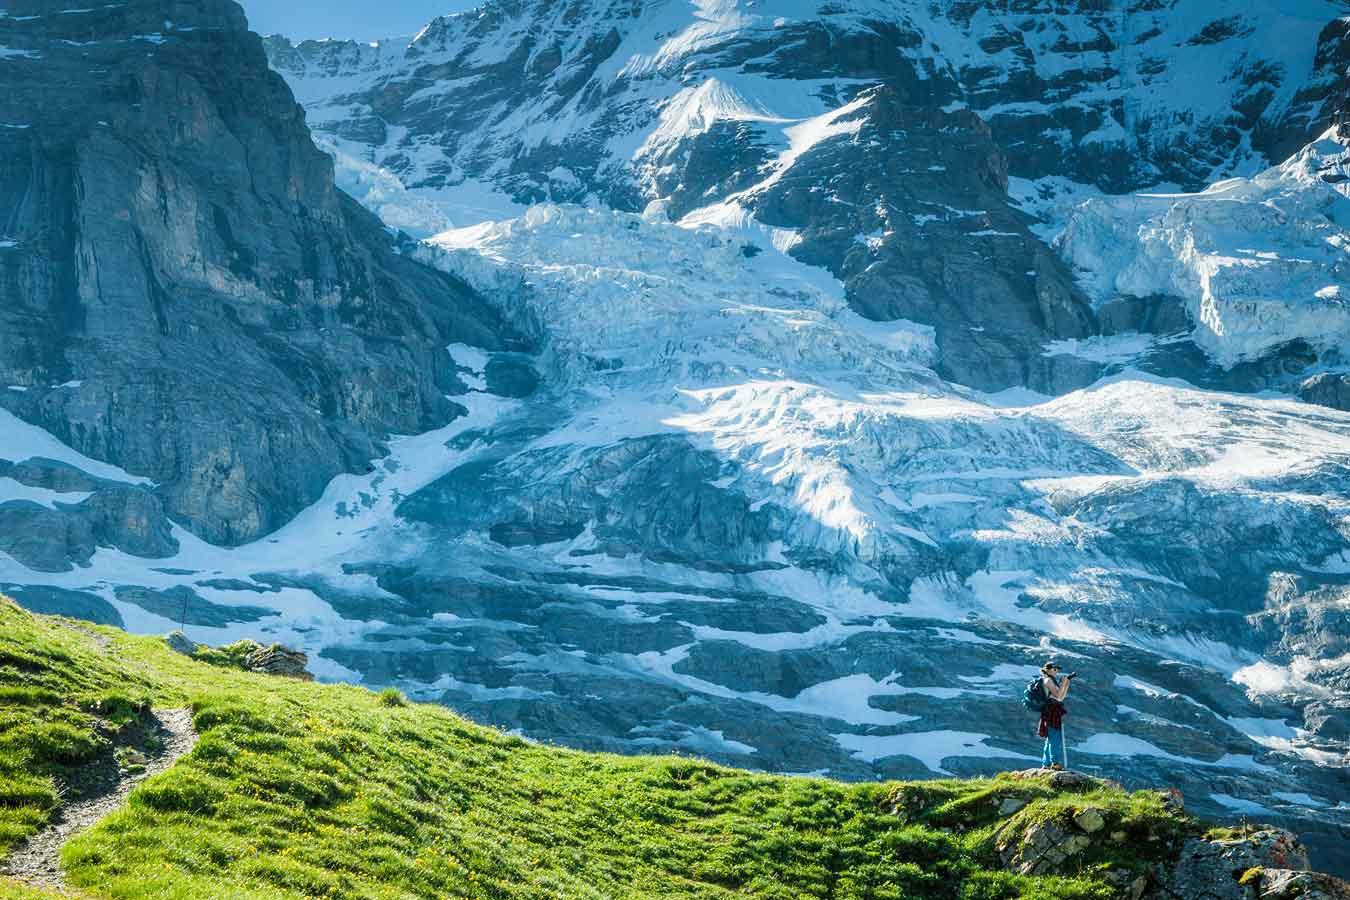 Eiger Glacier picture